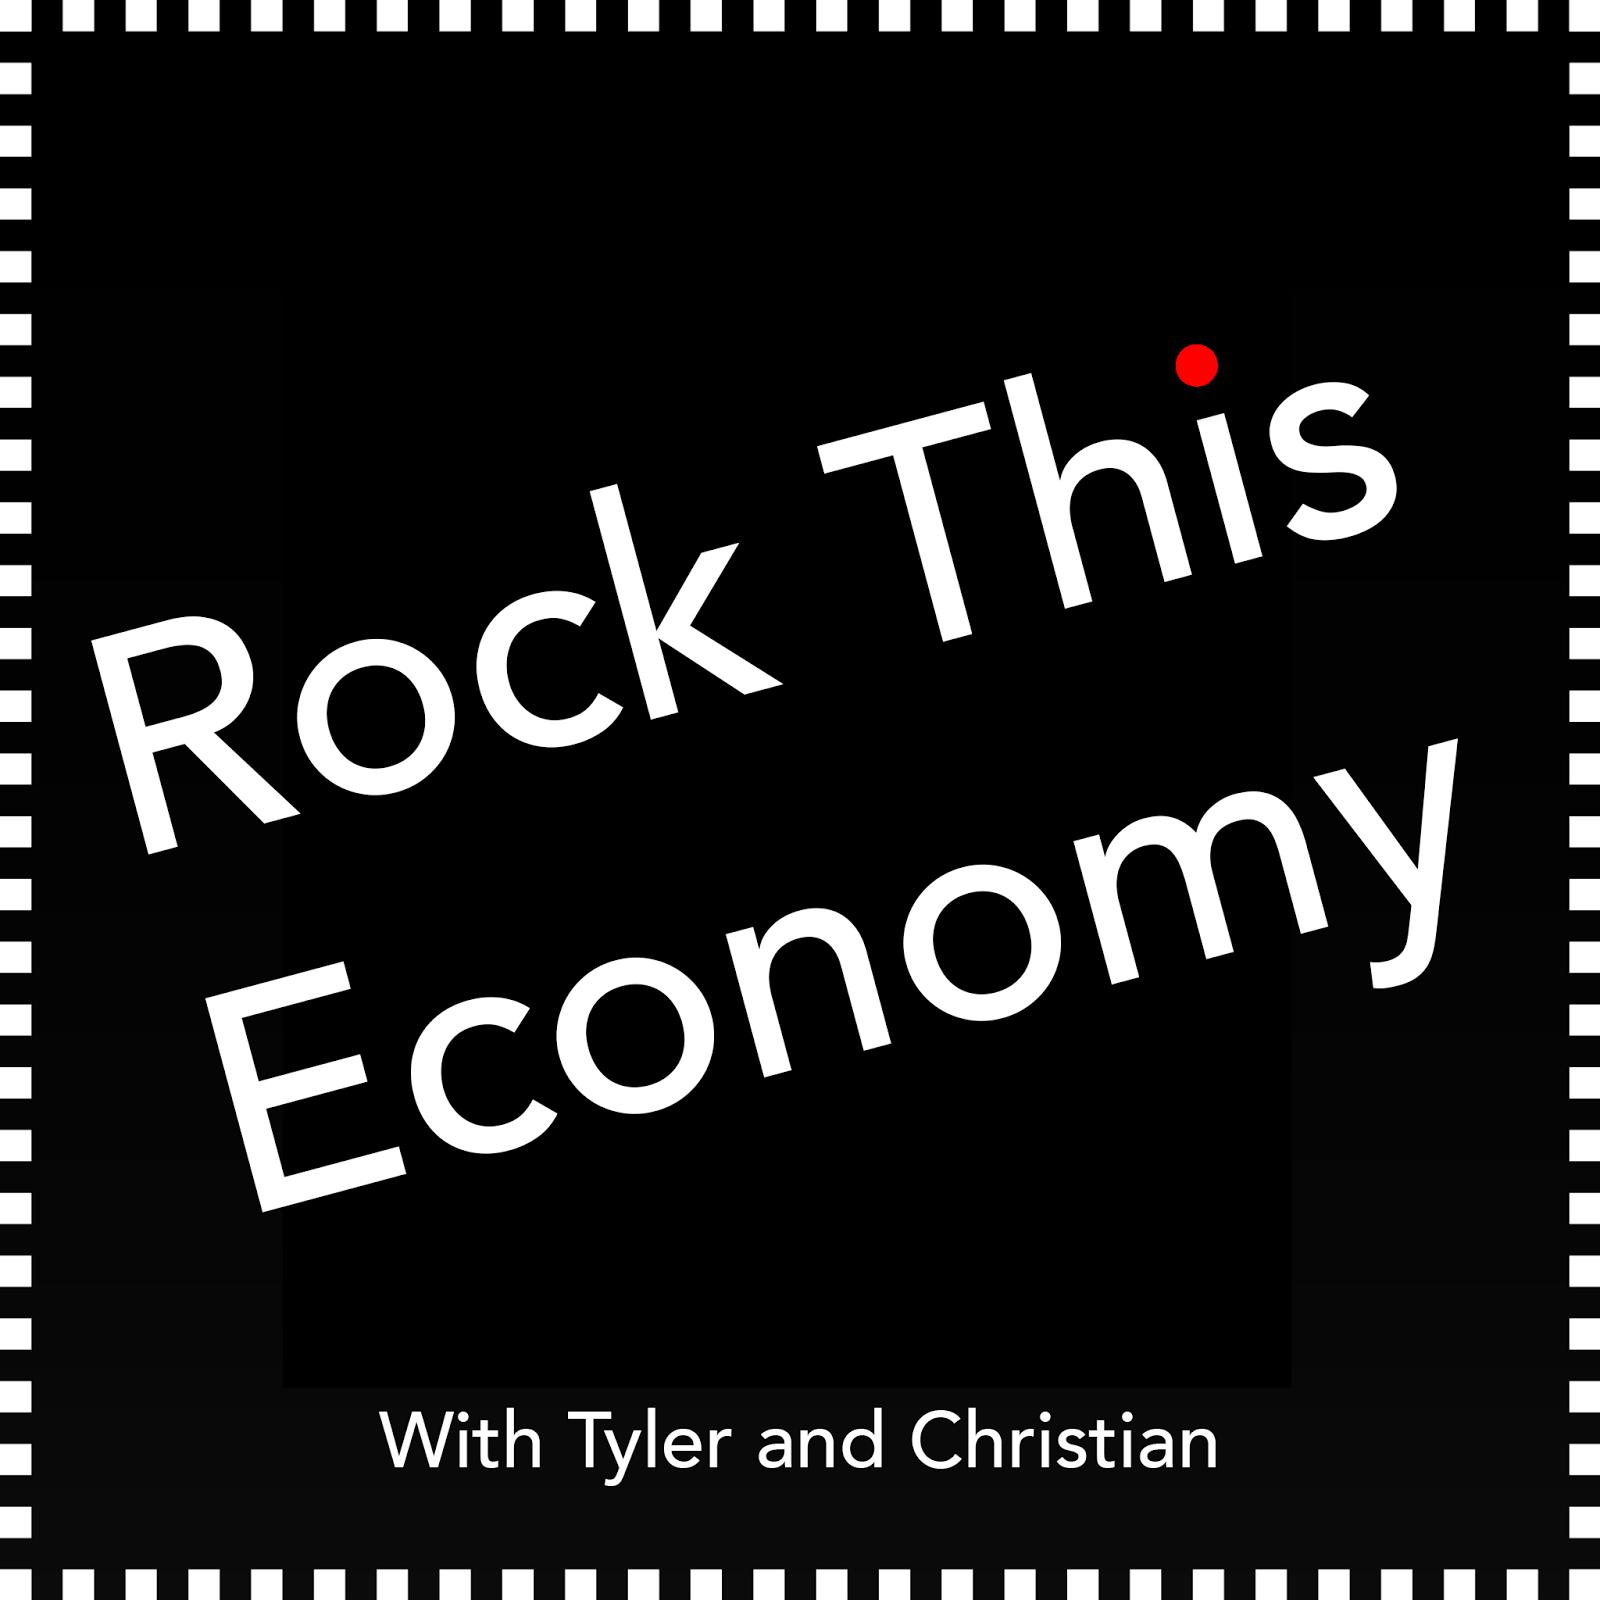 Rock This Economy